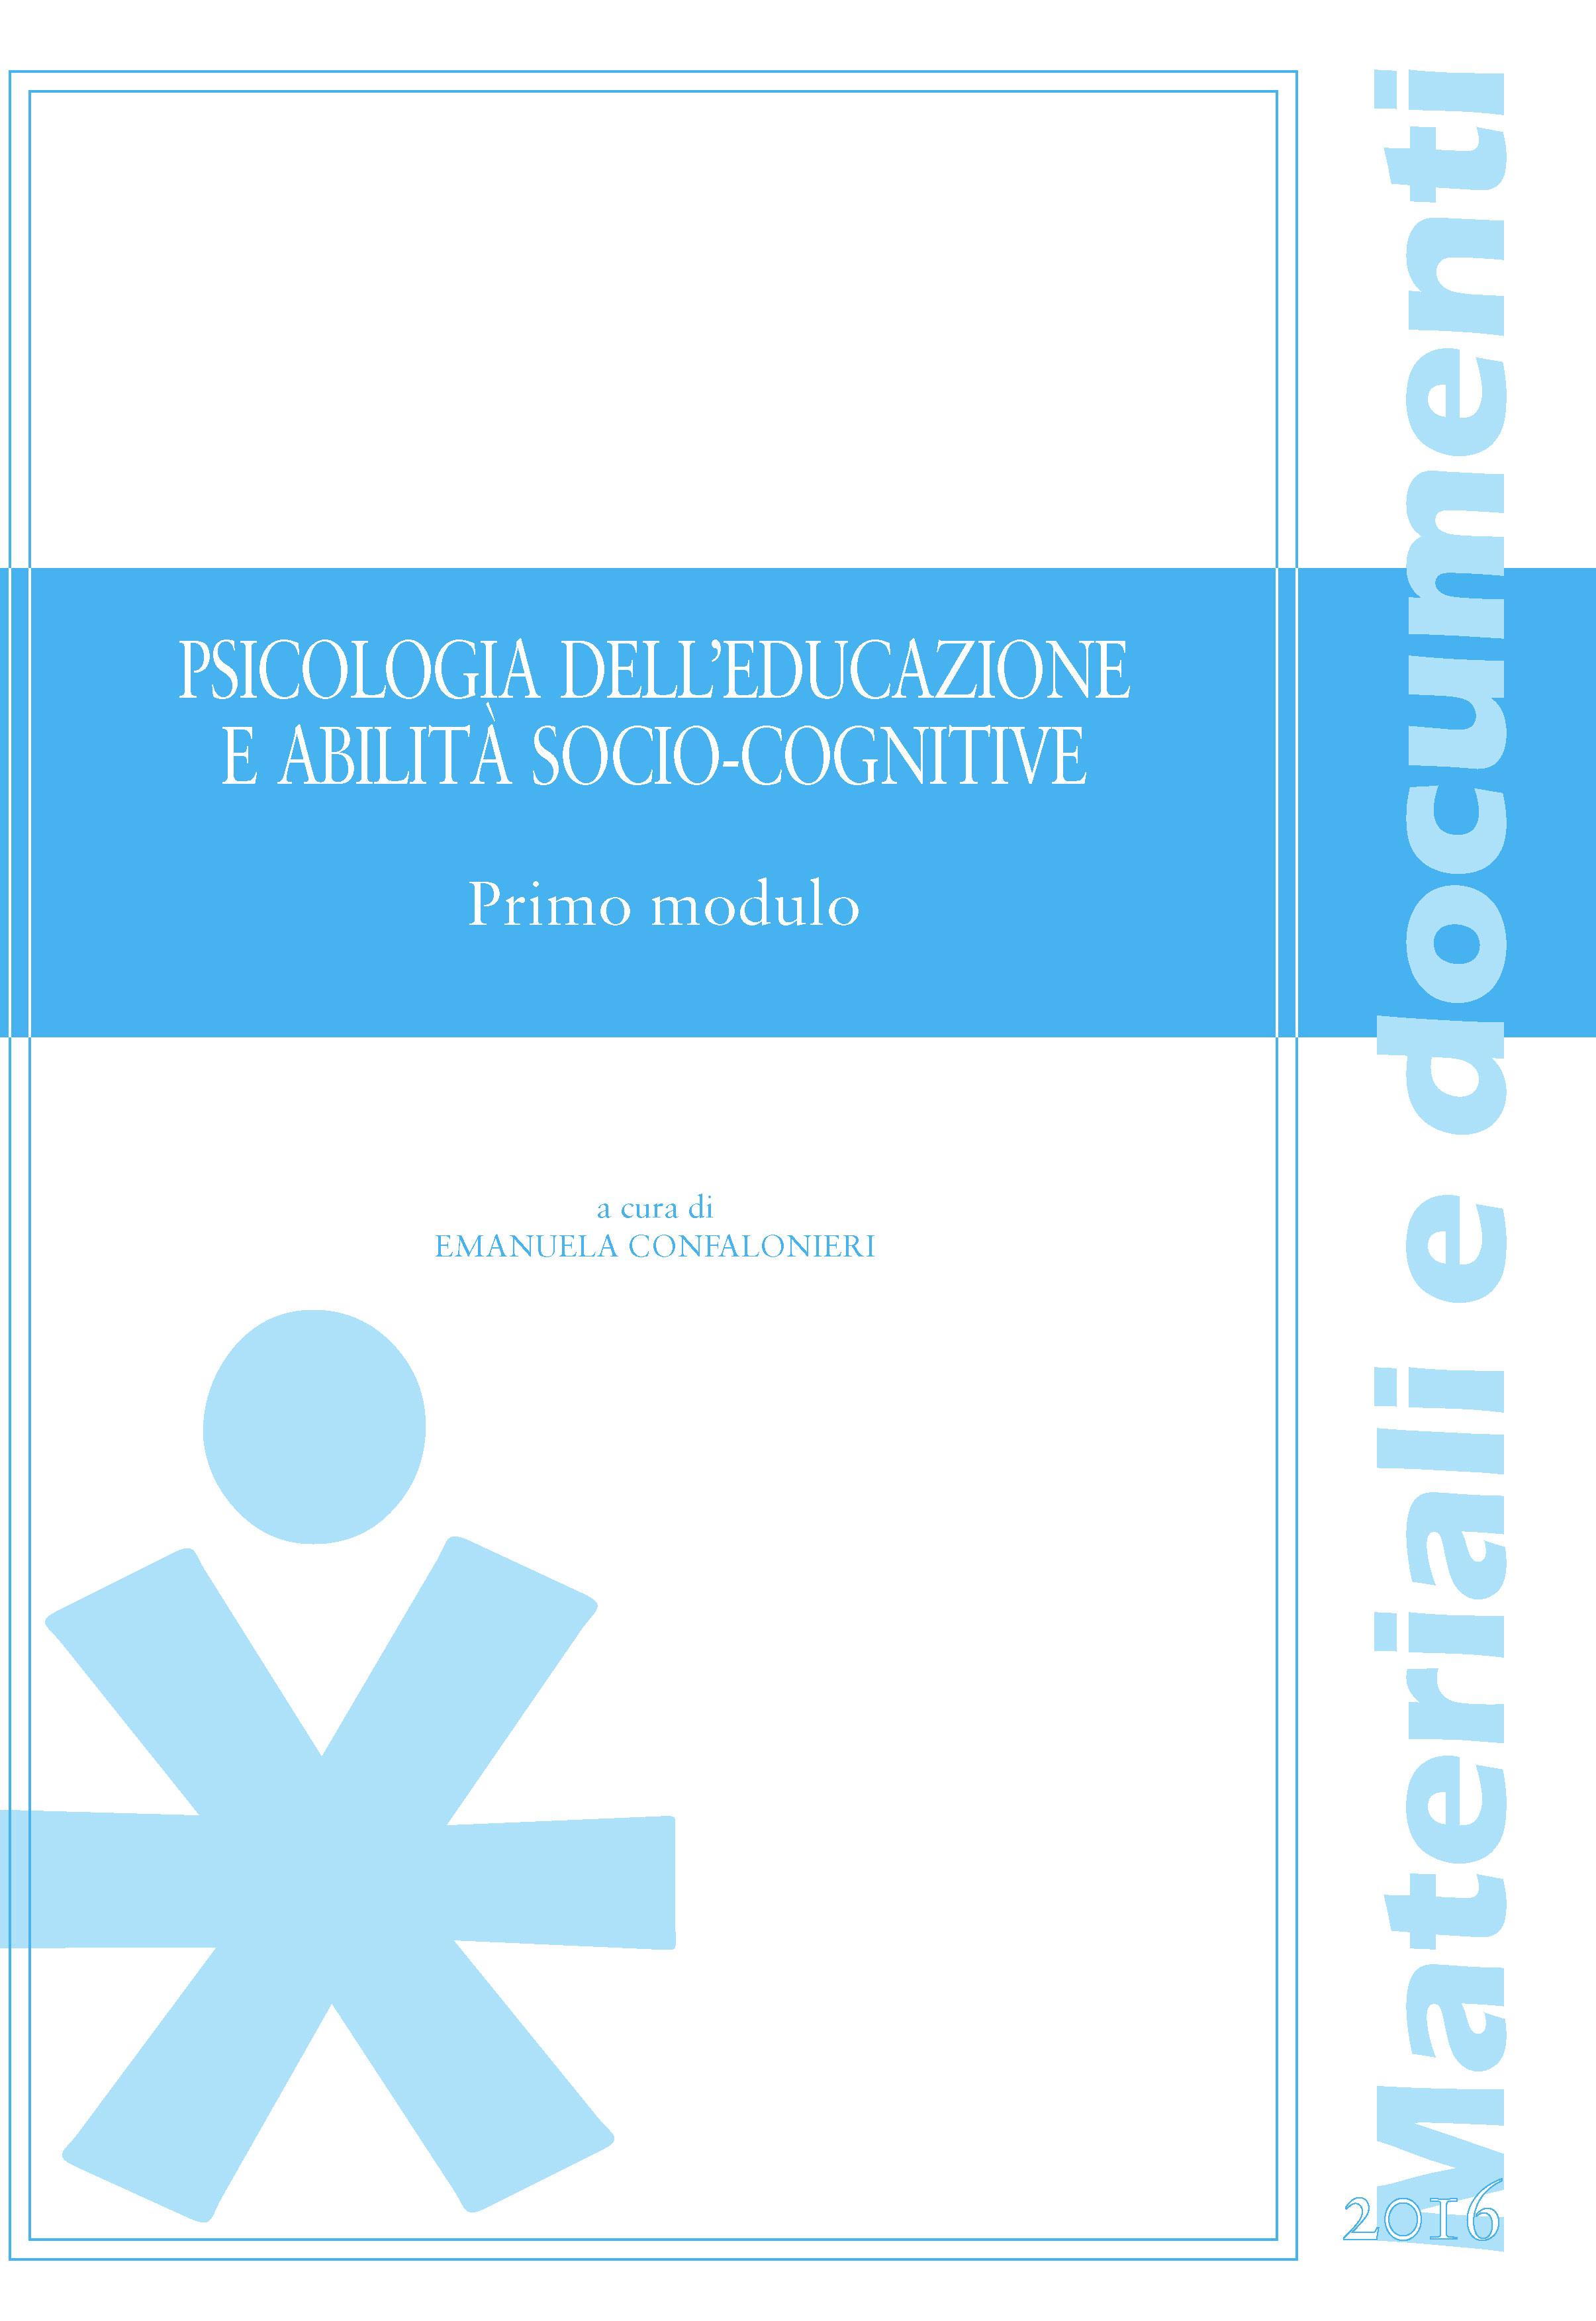 PSICOLOGIA DELL'EDUCAZIONE E ABILITA' SOCIO-COGNITIVE. PRIMO MODULO (BANDA AZZURA)